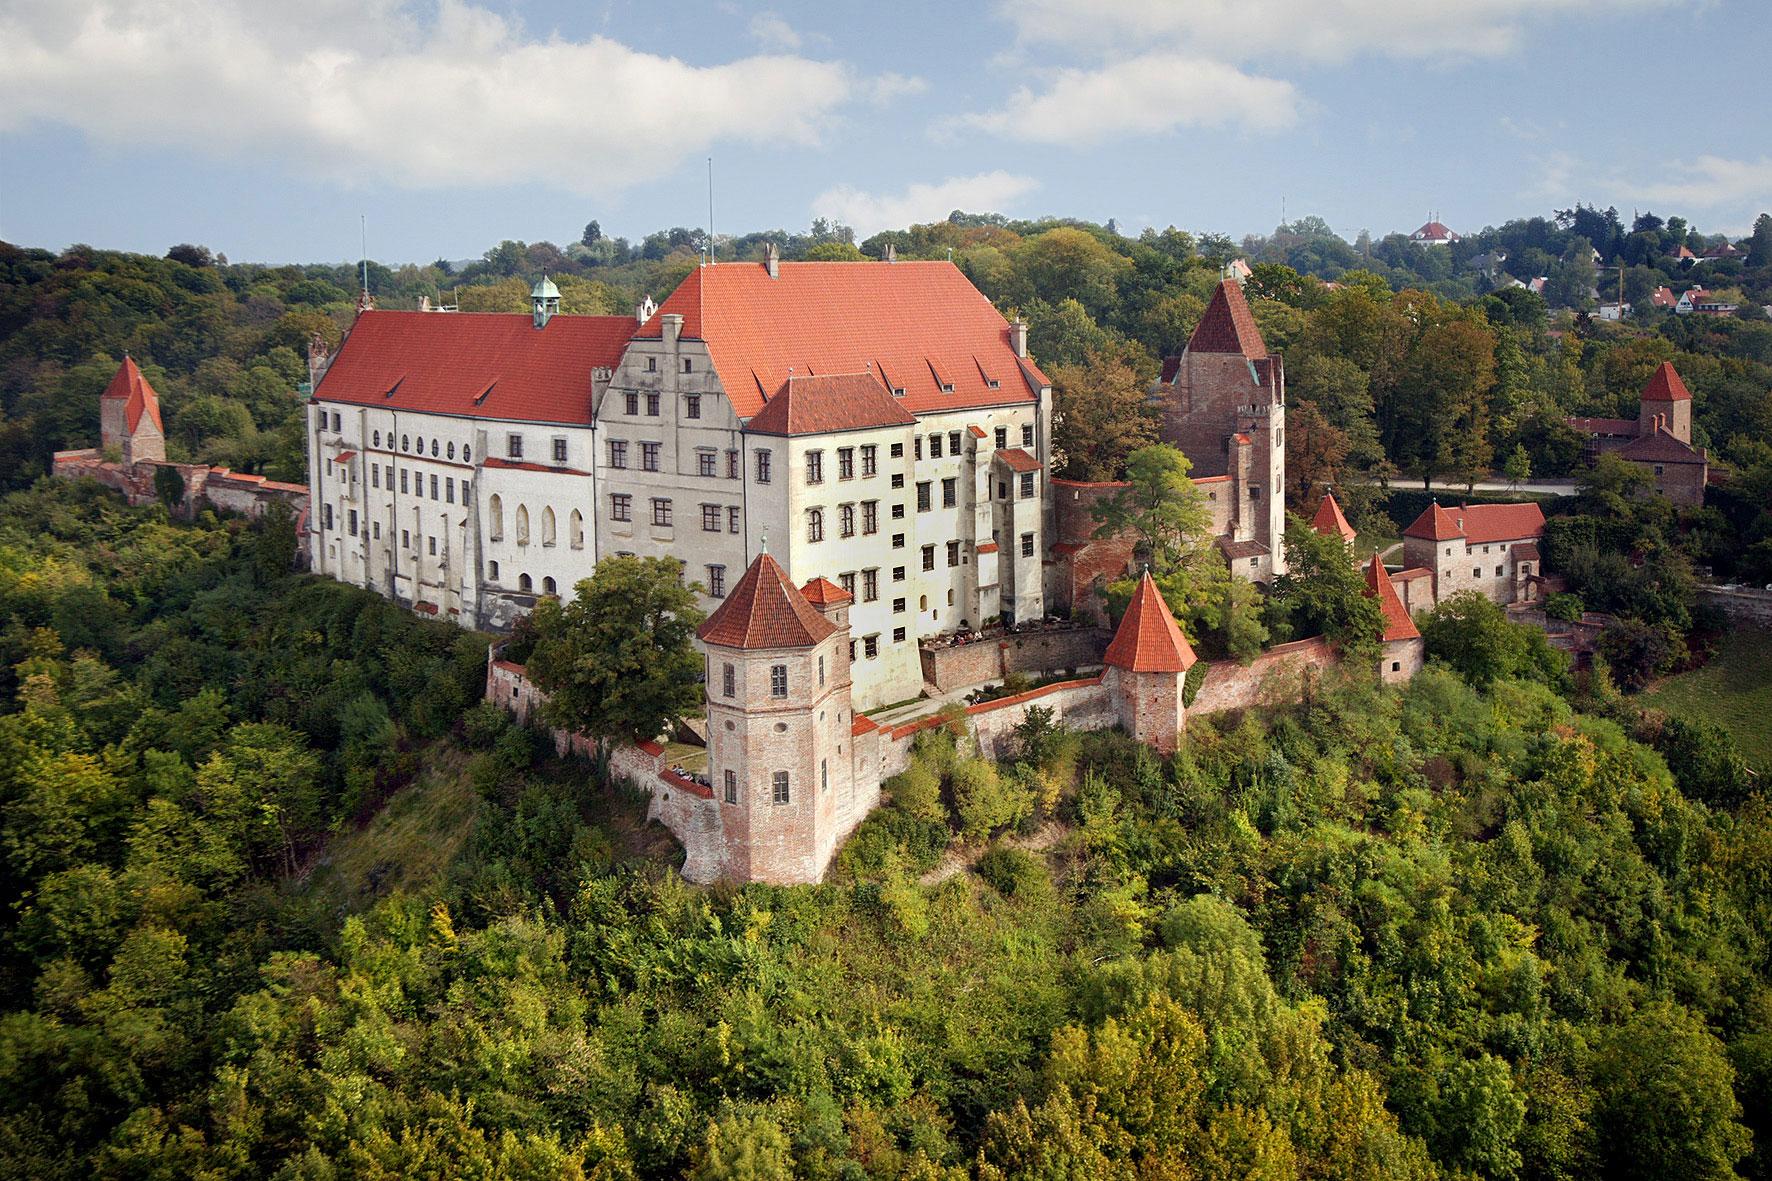 High above Landshut: Trausnitz Castle